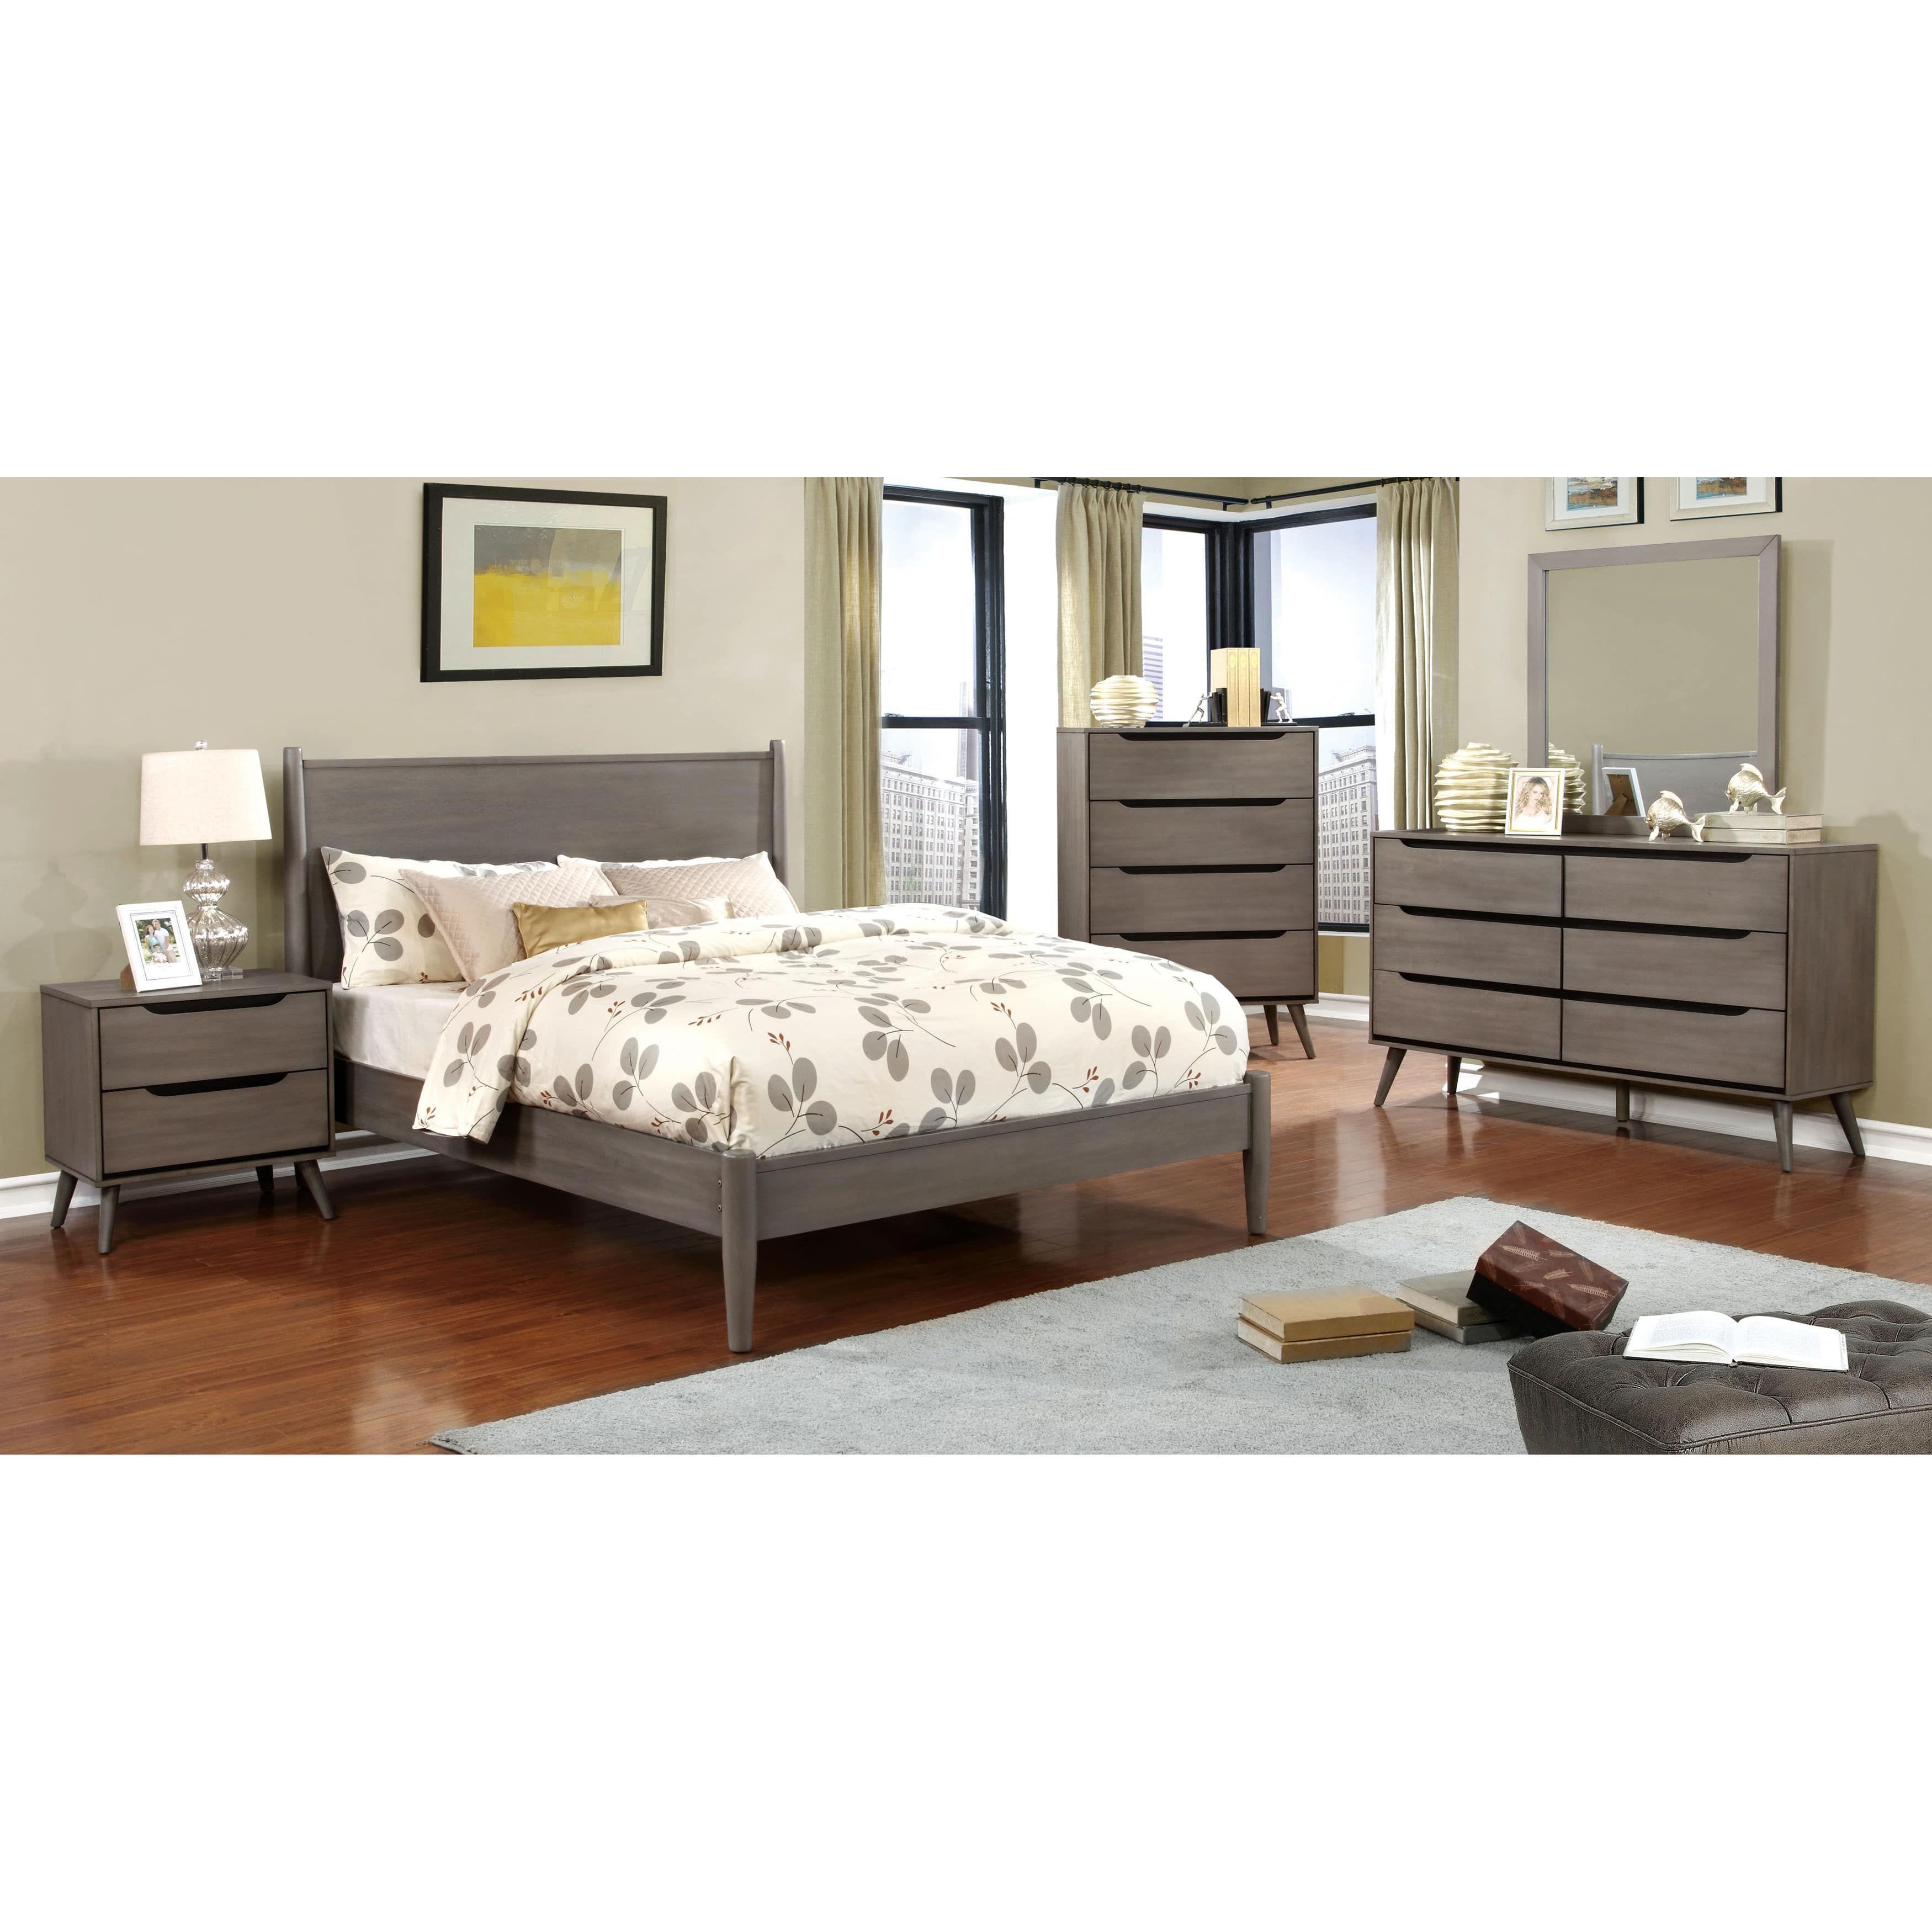 Furniture of america corrine grey piece bedroom set queen mid